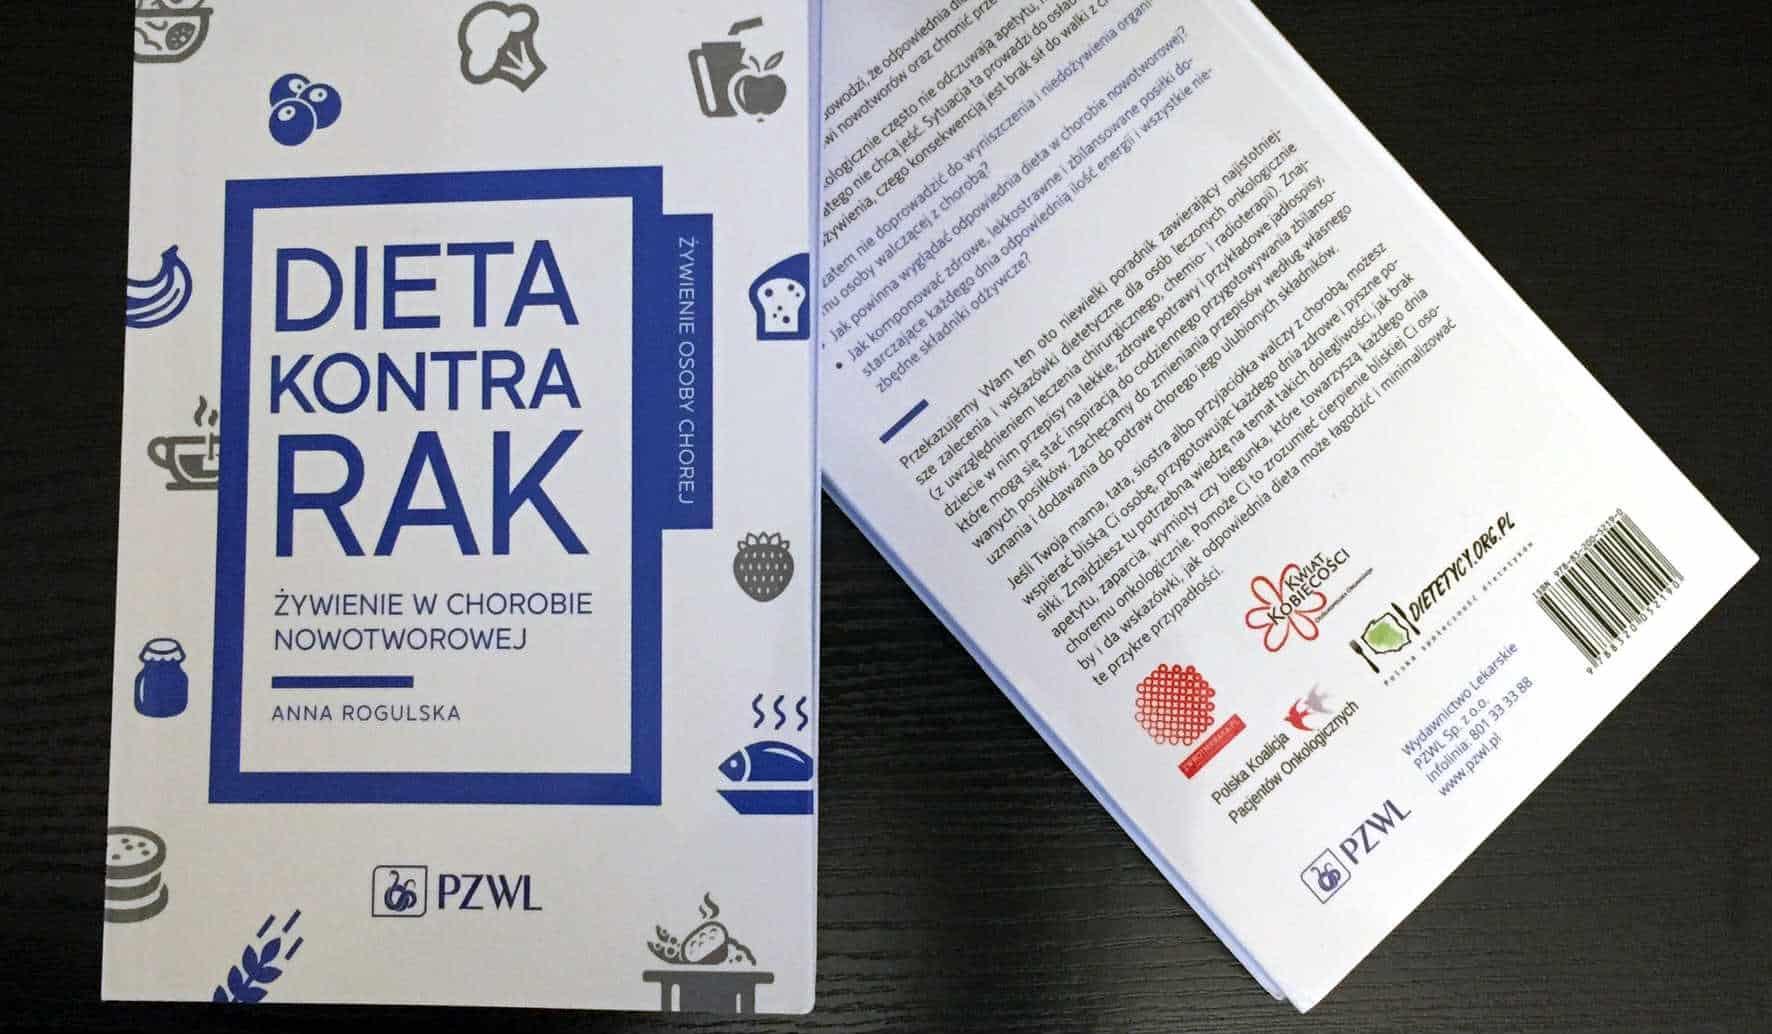 dieta-kontra-rak-2